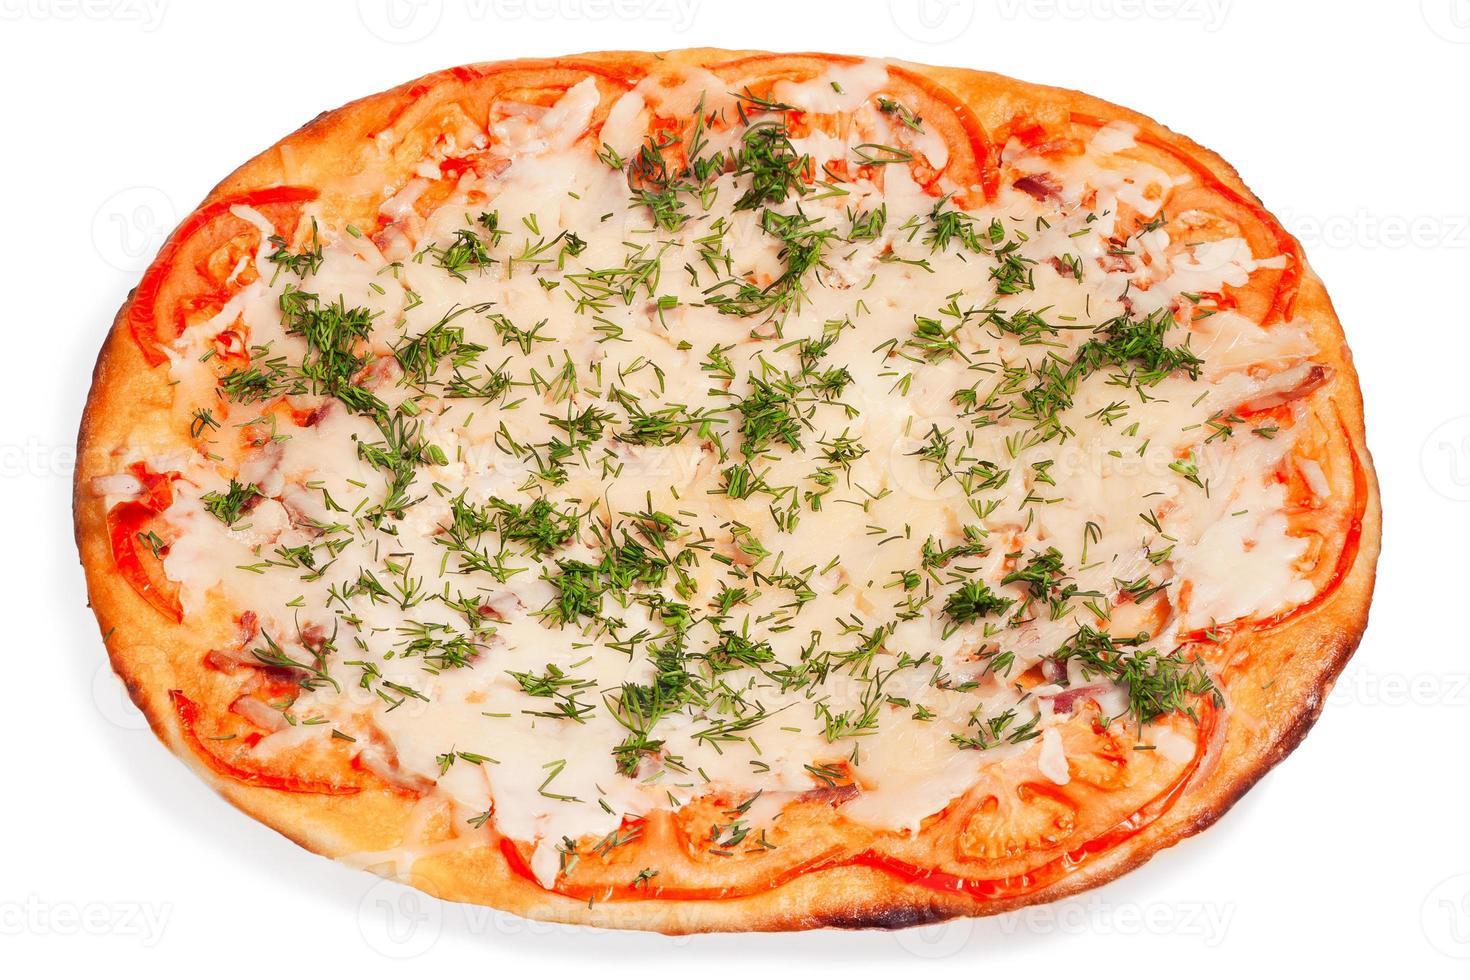 ovale pizza met kaas foto